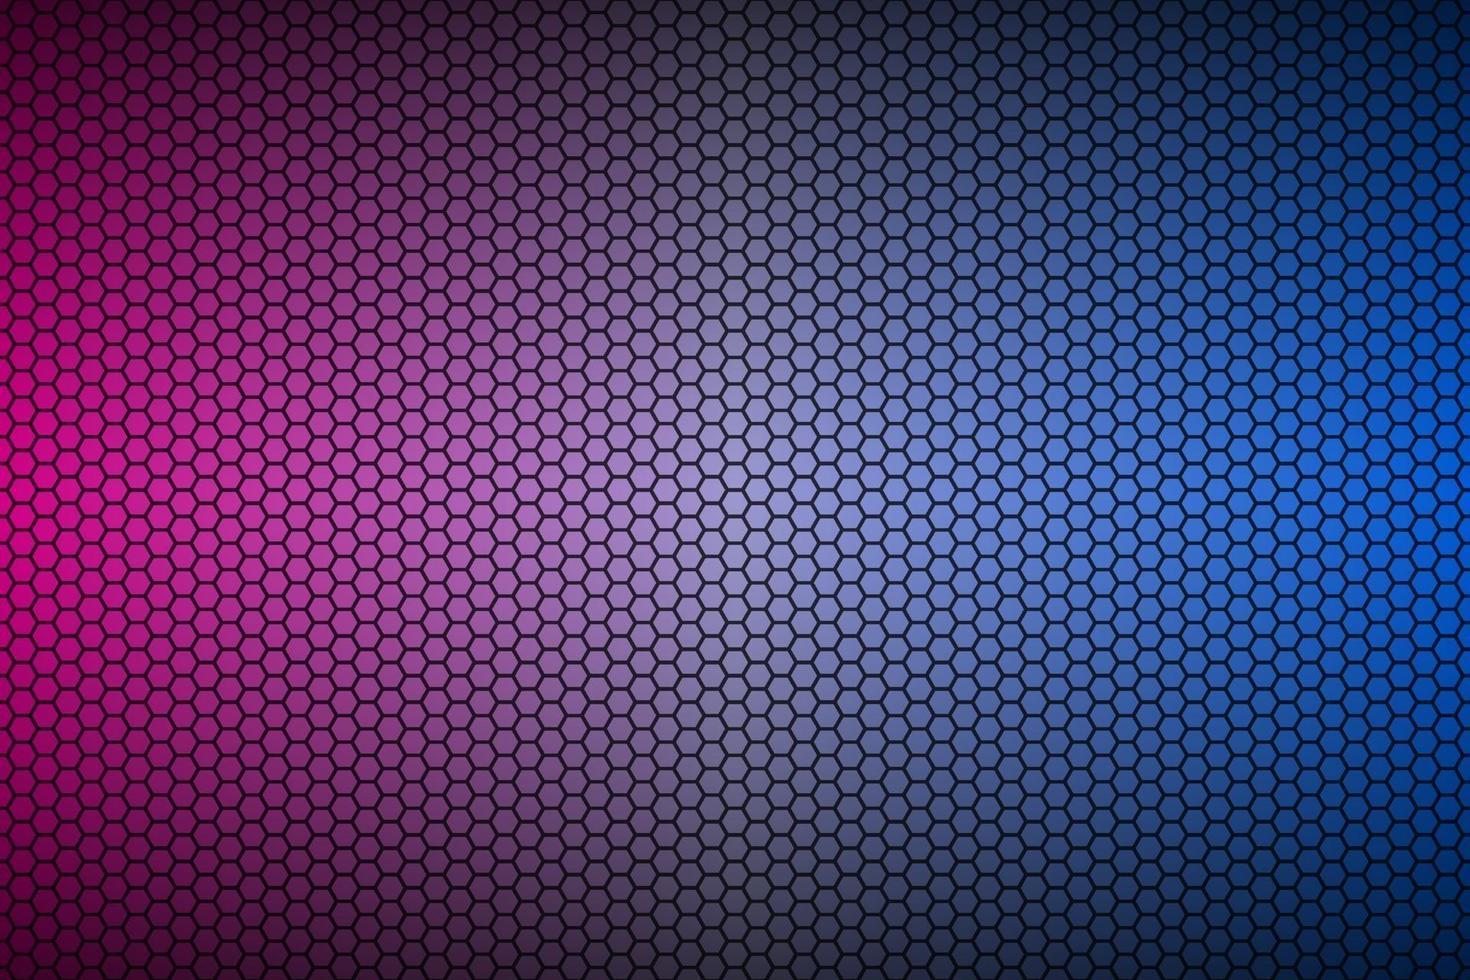 abstrakt blå och lila neon geometriska sexkantiga mesh material bakgrund. perforerad metallteknik tapet. vektor abstrakt widescreen bakgrund